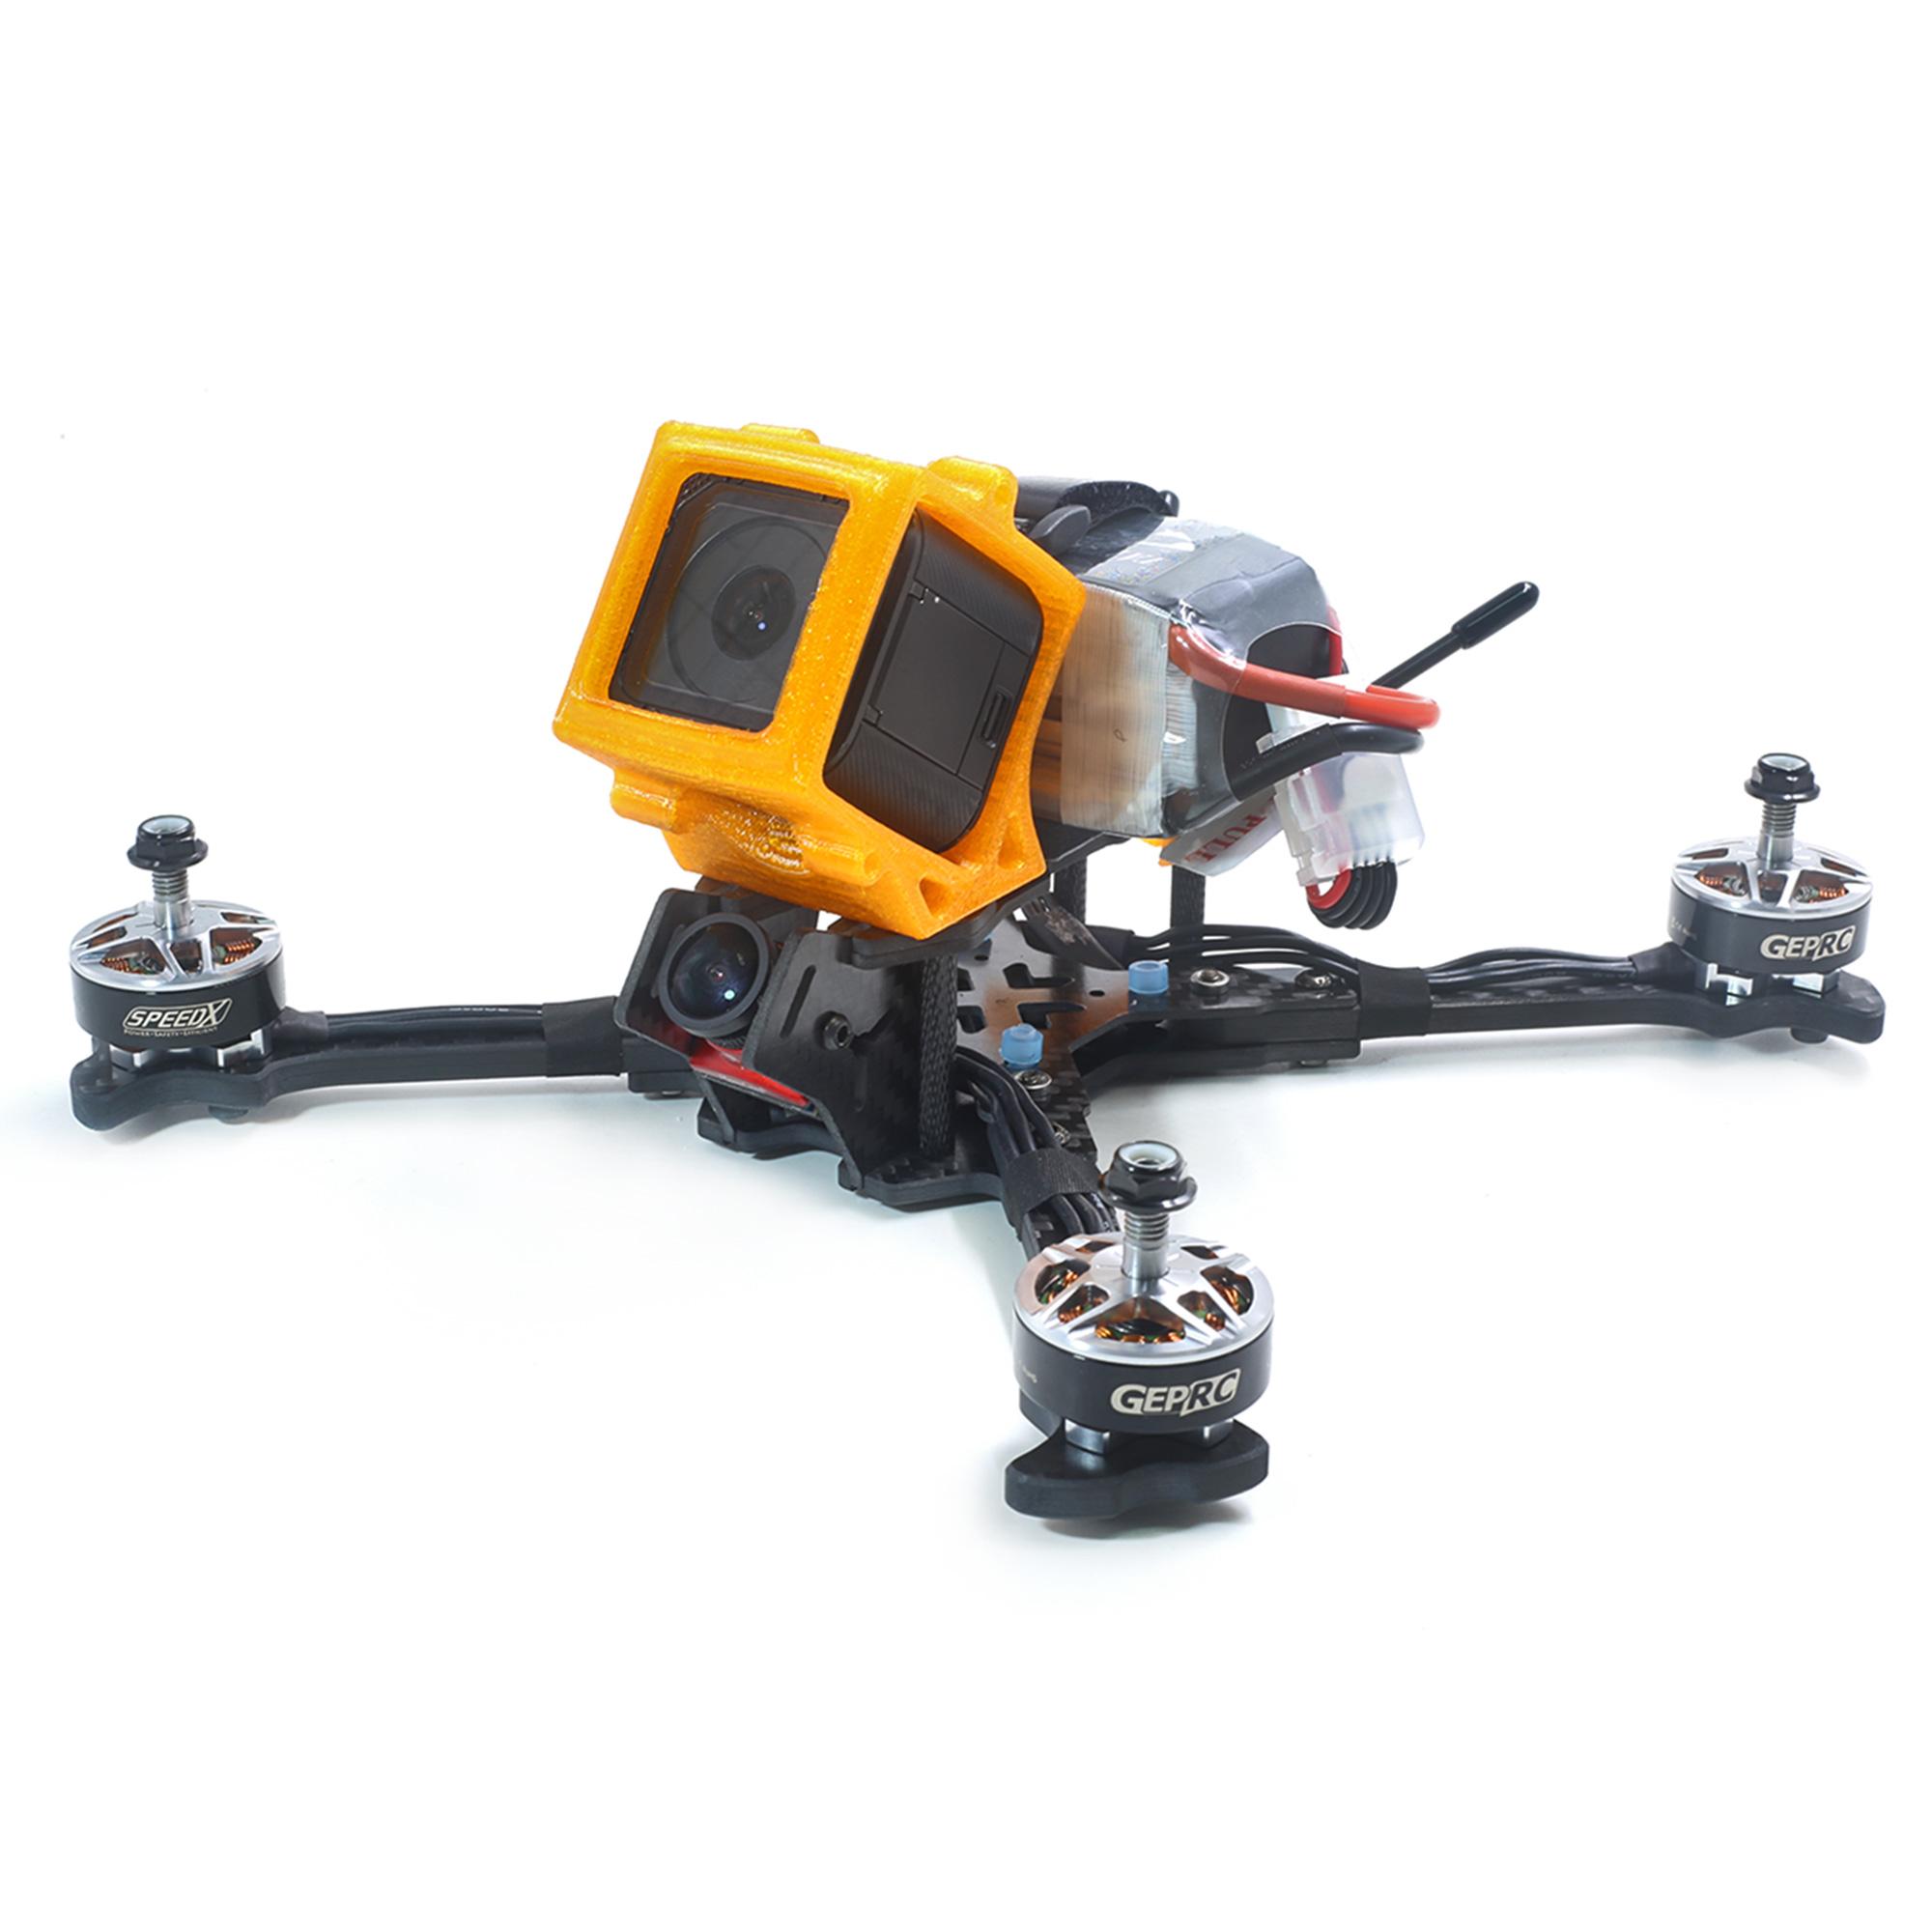 Rama do drona wyścigowego GEP OX-X5 z baterią na górze